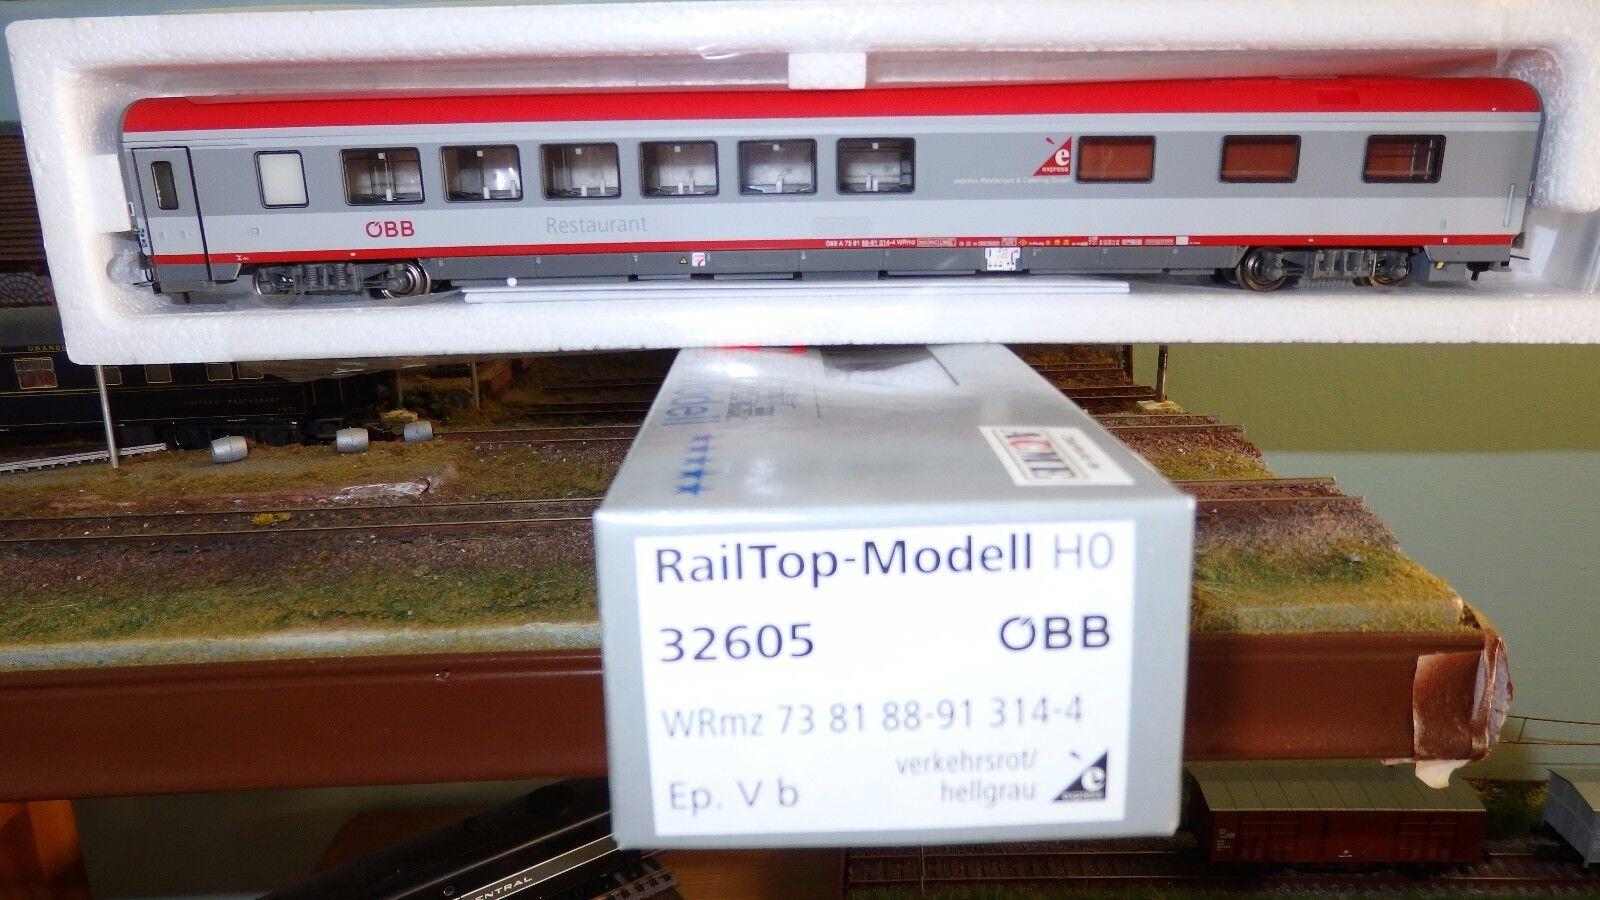 RAILTOP 32605 32605 32605 coche EC89 Nueva librea bigrigio rojo